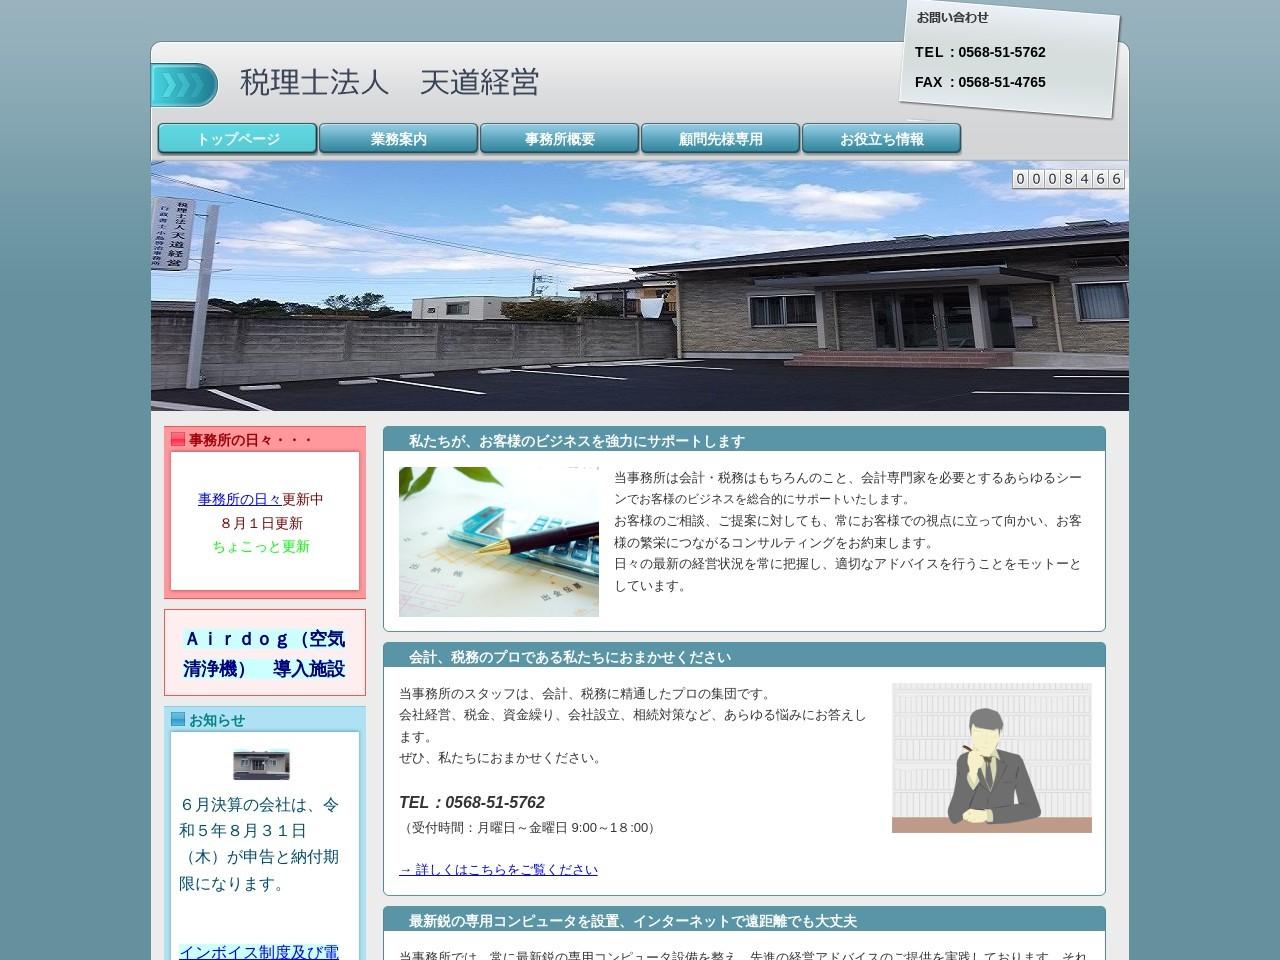 天道経営(税理士法人)